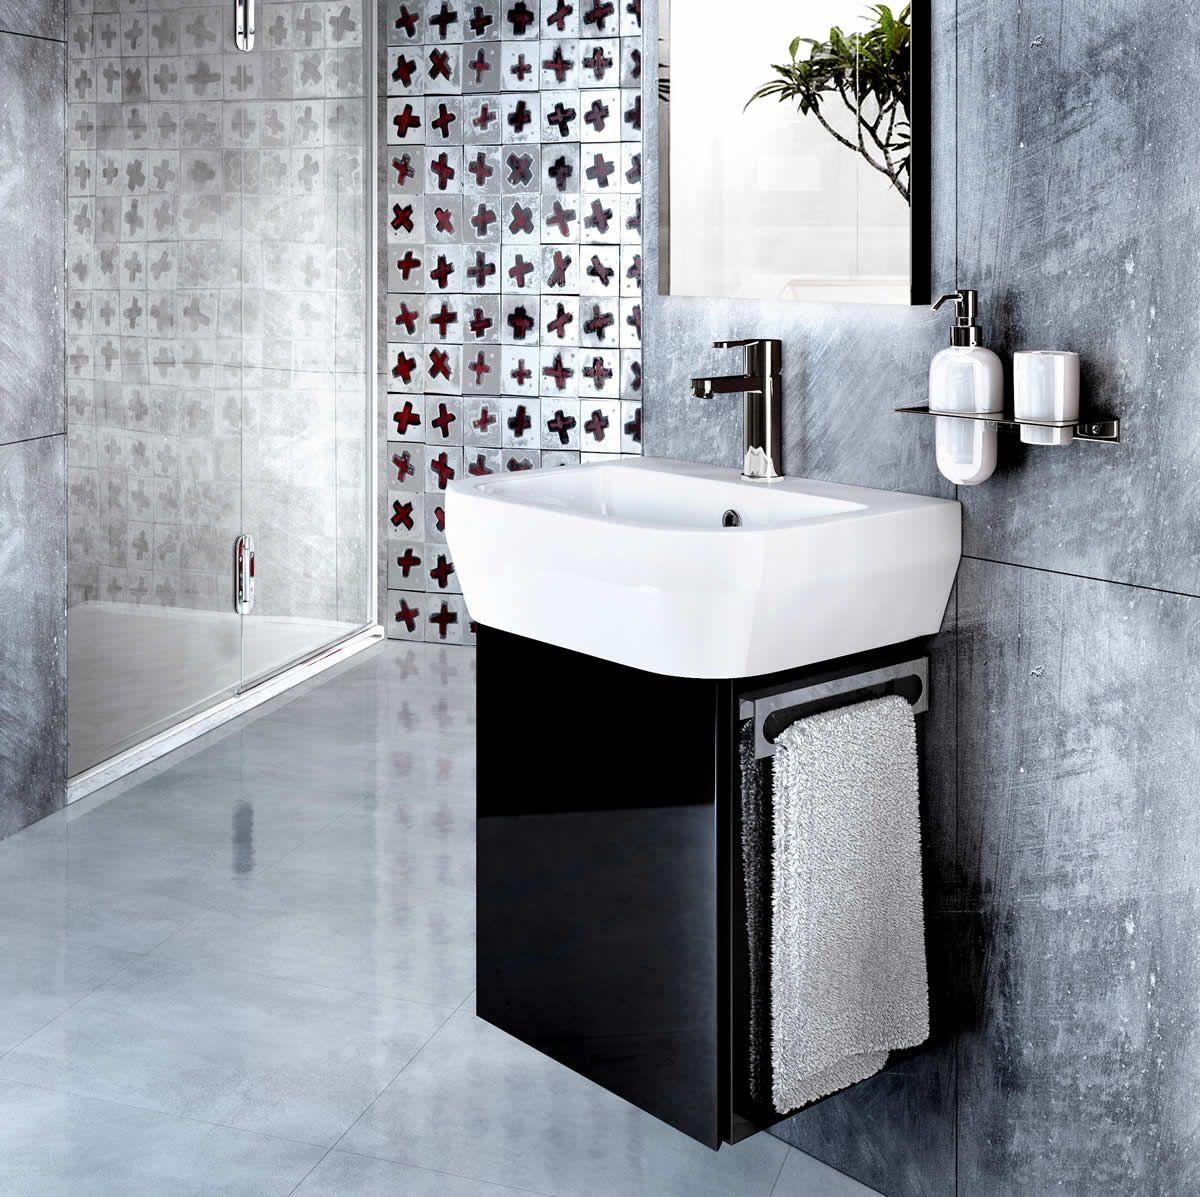 modern-bathroom Freestanding Sink Unit Kitchen